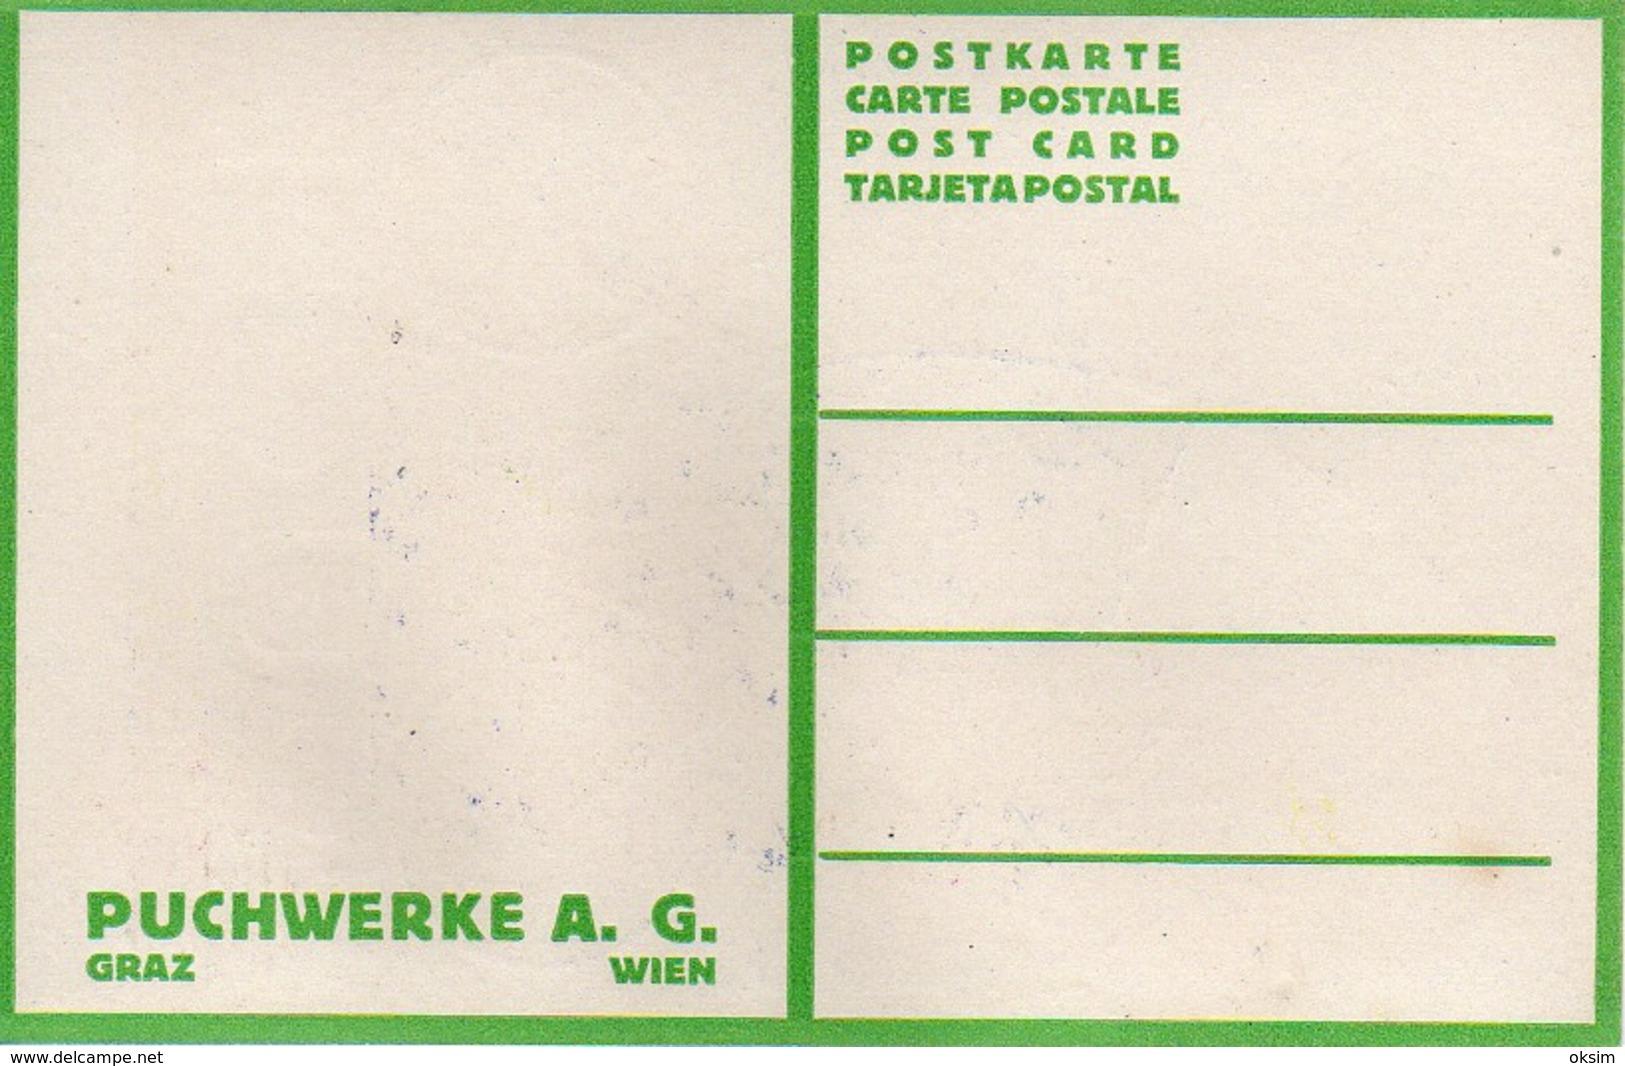 PUCH, F. ZWICKL, PUCHWERKE A. G., GRAZ, WIEN, INDIAN ON BICYCLE, INDIANER AUF FAHRRAD, ORIGINAL - Advertising